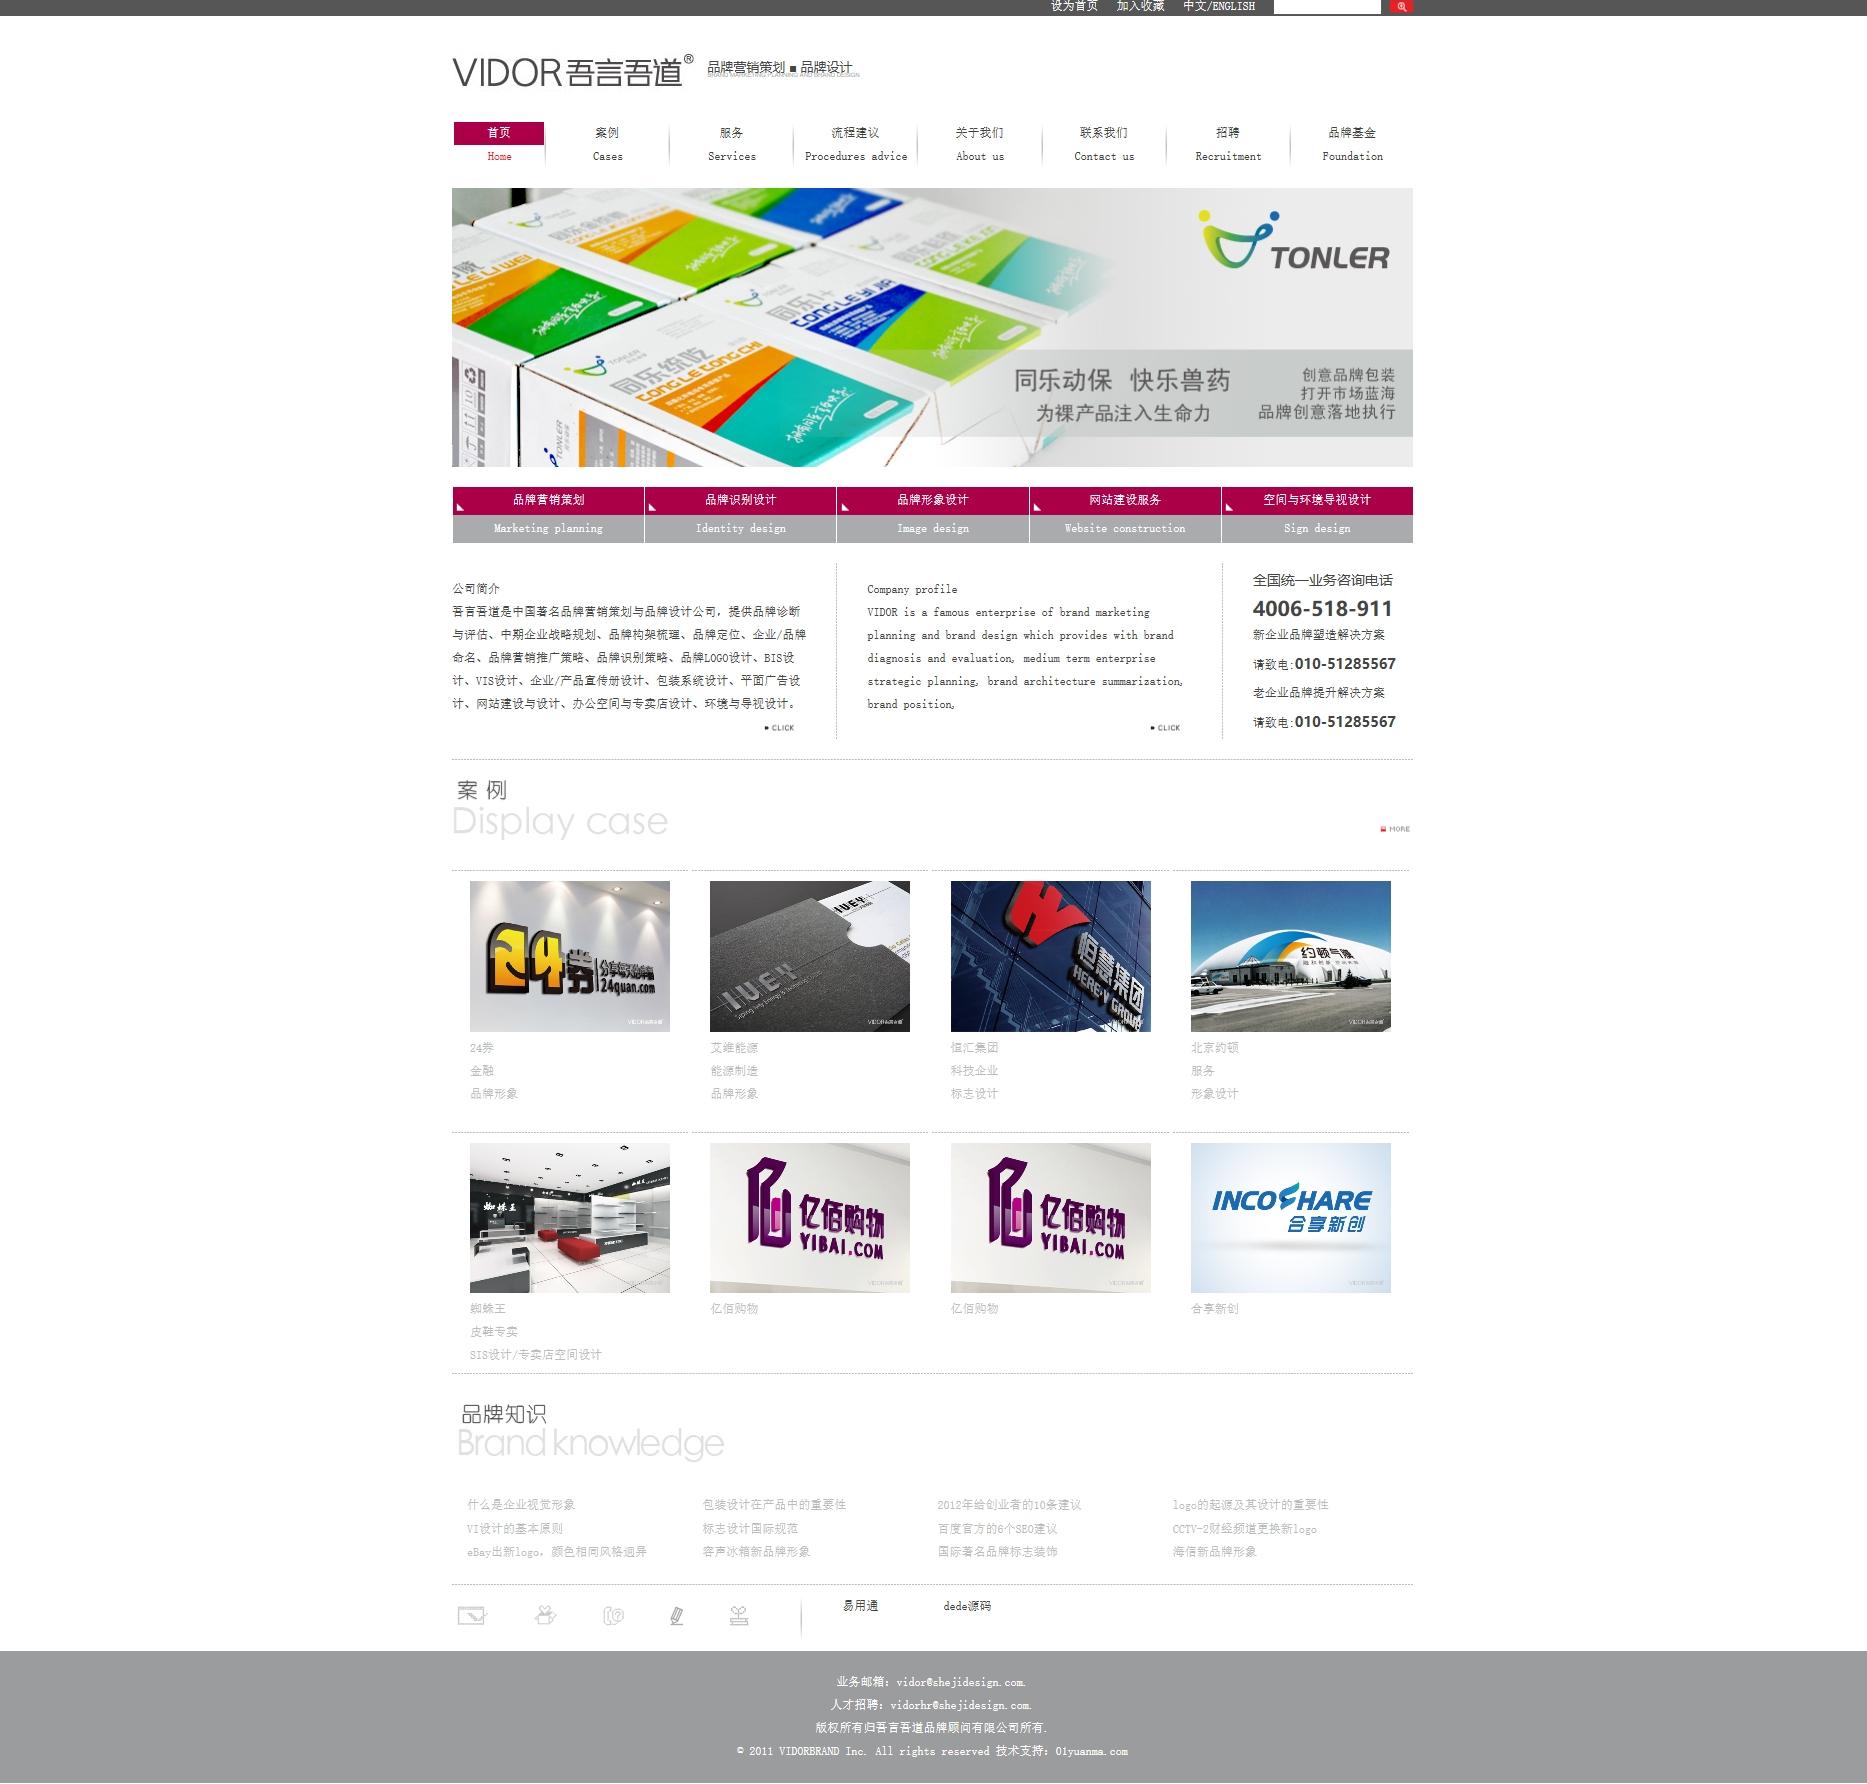 大气品牌广告设计制作公司网站织梦dedecms源码